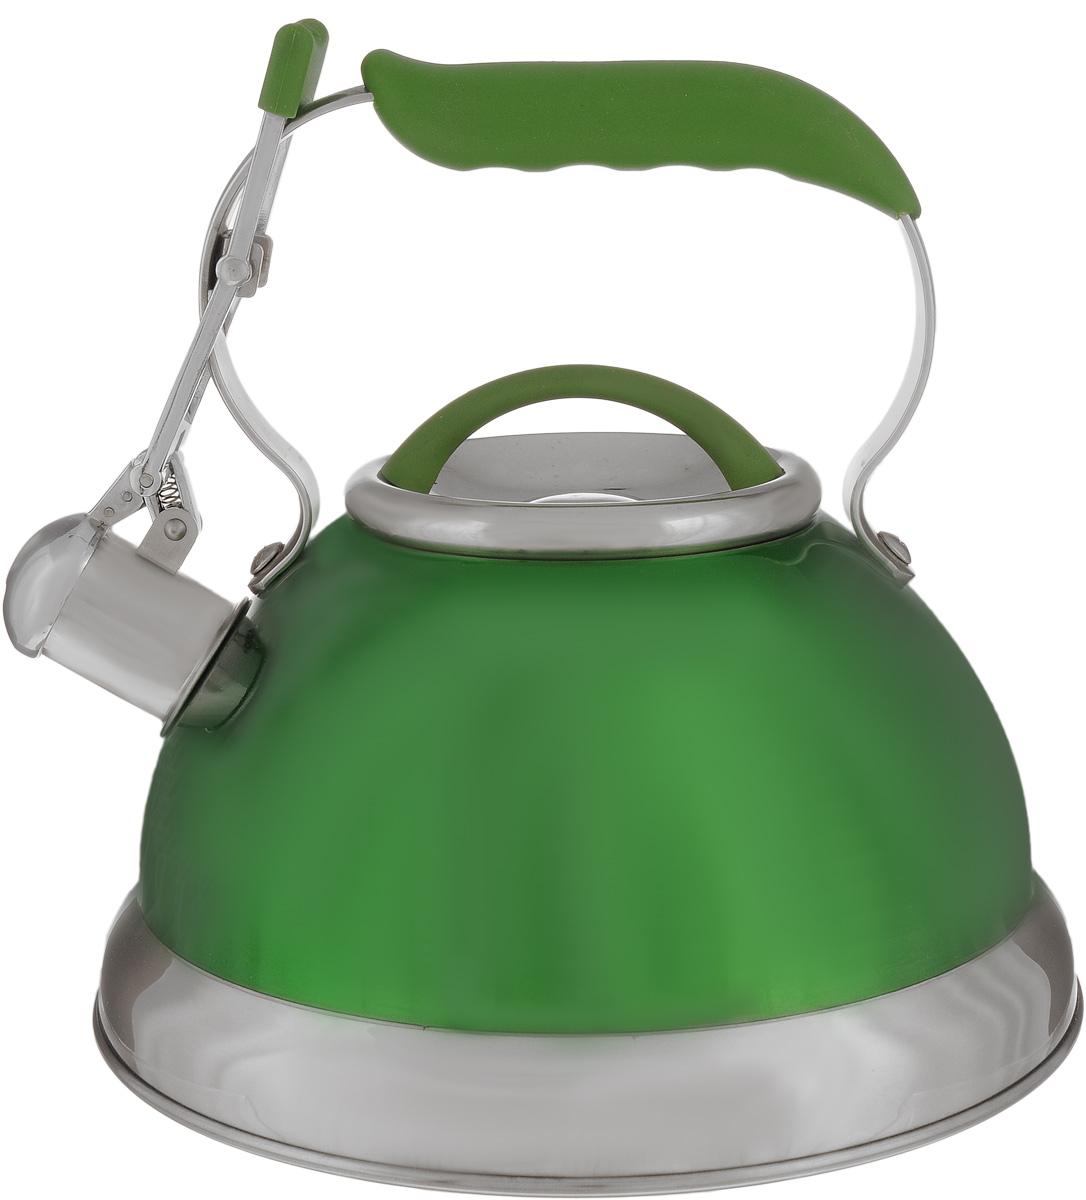 Чайник Calve, со свистком, цвет: зеленый, 2,7 лCL-1461_зеленыйЧайник Calve изготовлен из высококачественной нержавеющей стали 18/10, внешние стенки имеют цветное глянцевое покрытие. Нержавеющая сталь обладает высокой устойчивостью к коррозии, не вступает в реакцию с холодными и горячими продуктами и полностью сохраняет их вкусовые качества. Особая конструкция капсулированного дна способствует высокой теплопроводности и равномерному распределению тепла. Чайник оснащен удобной фиксированной ручкой с силиконовым покрытием. Носик чайника имеет откидной свисток с перфорацией в виде смайлика, звуковой сигнал которого подскажет, когда закипит вода. Свисток открывается с помощью рычага на ручке чайника. Чайник подходит для всех типов плит, включая индукционные. Можно мыть в посудомоечной машине.Диаметр чайника (по верхнему краю): 10 см.Высота чайника (без учета ручки и крышки): 13 см.Высота чайника (с учетом ручки): 23 см.